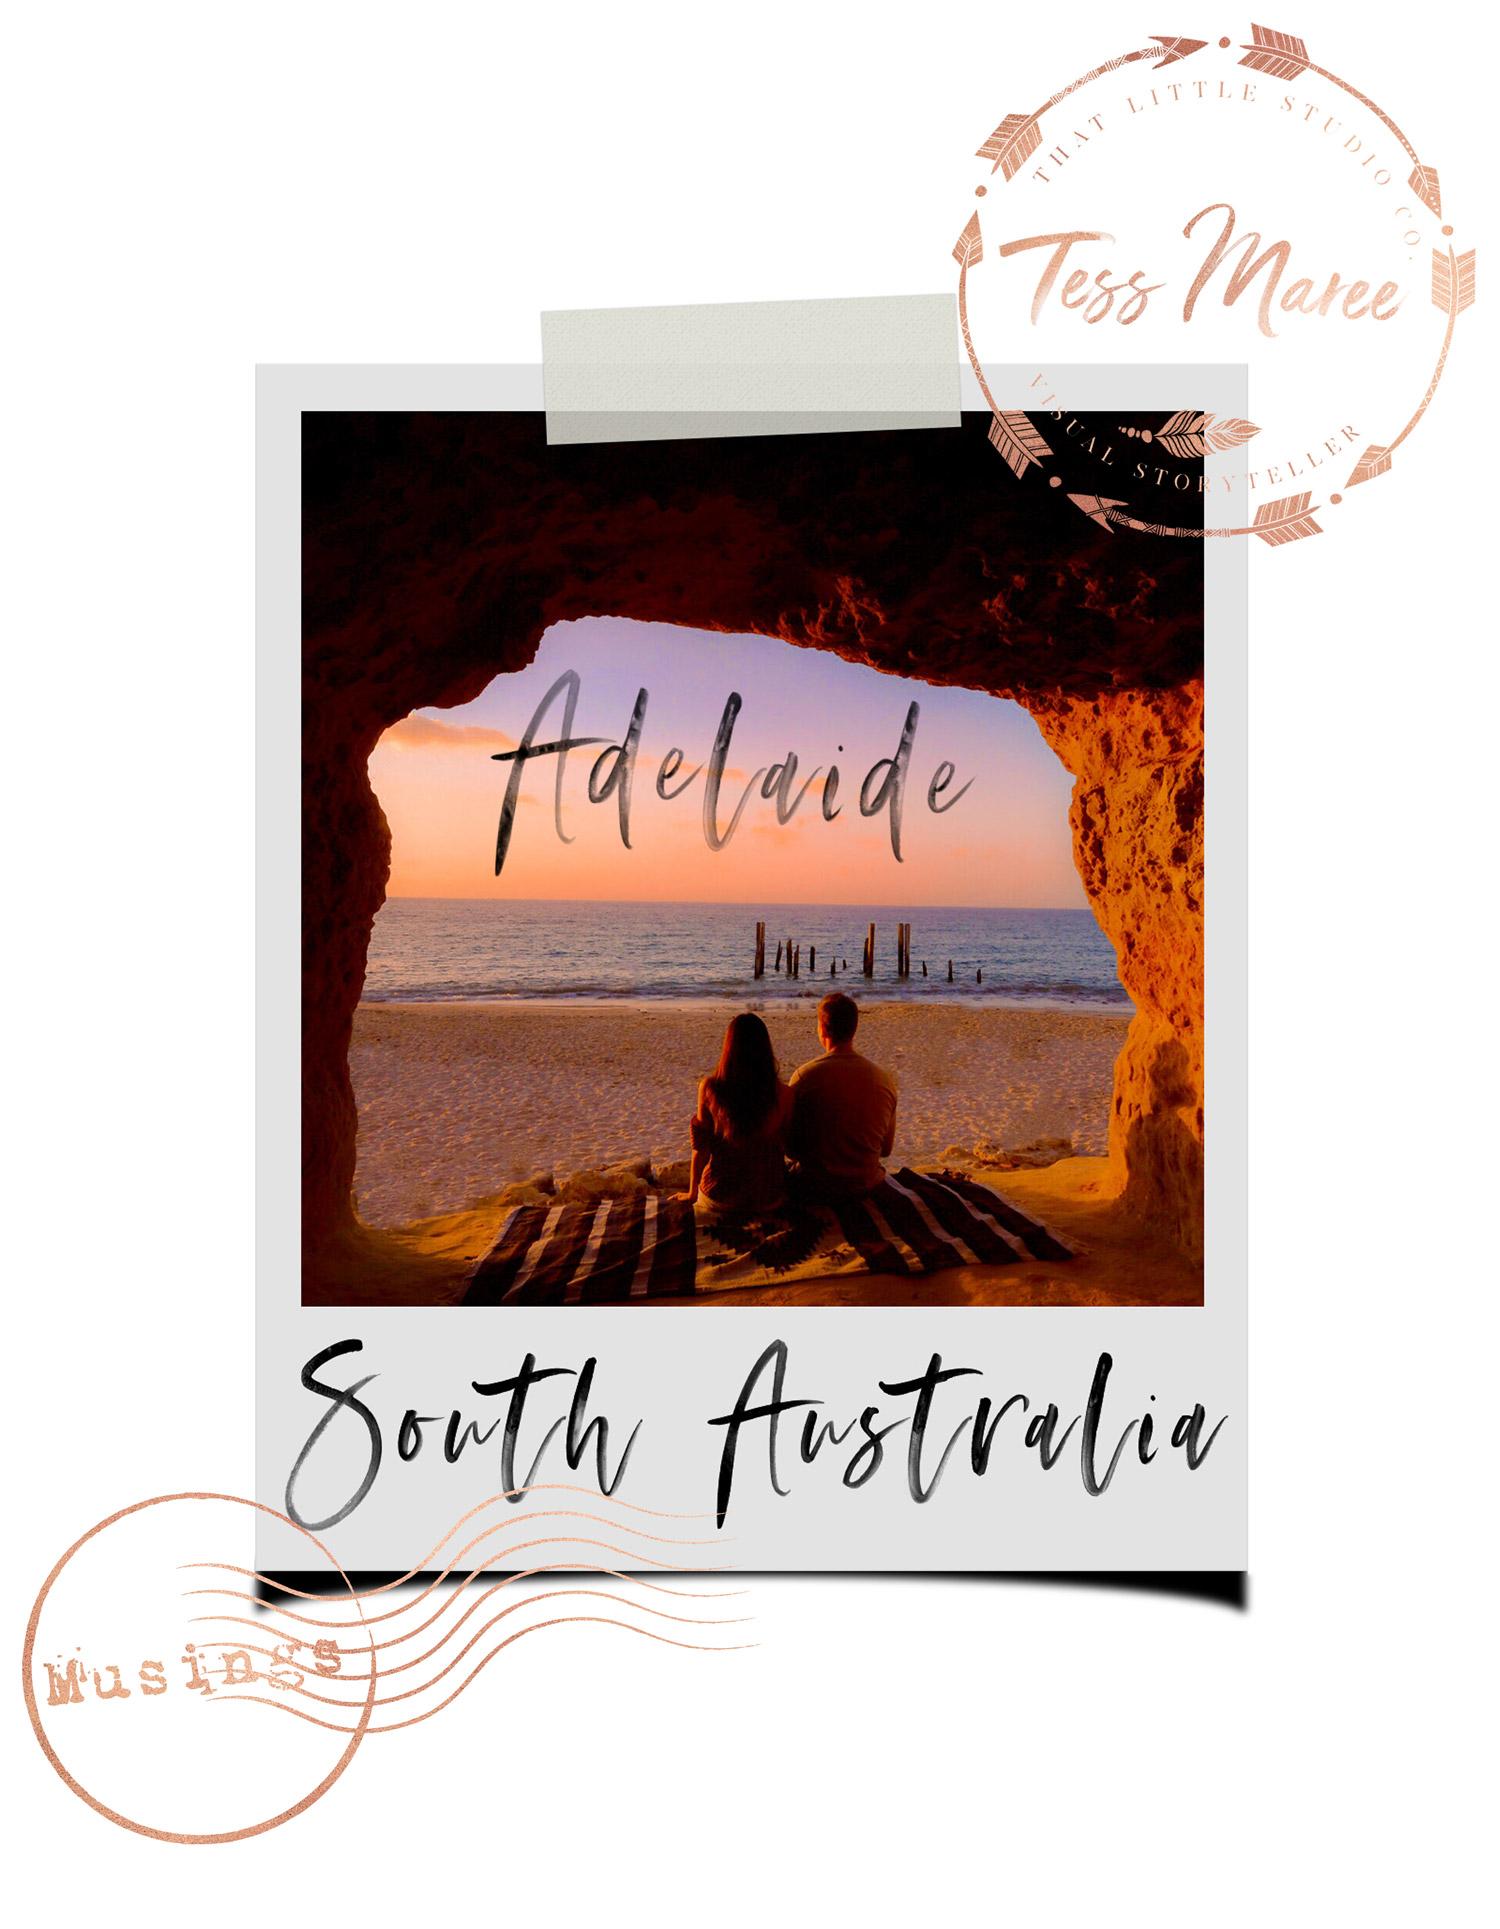 Tess Maree Musing Adelaide South Australia Polaroid